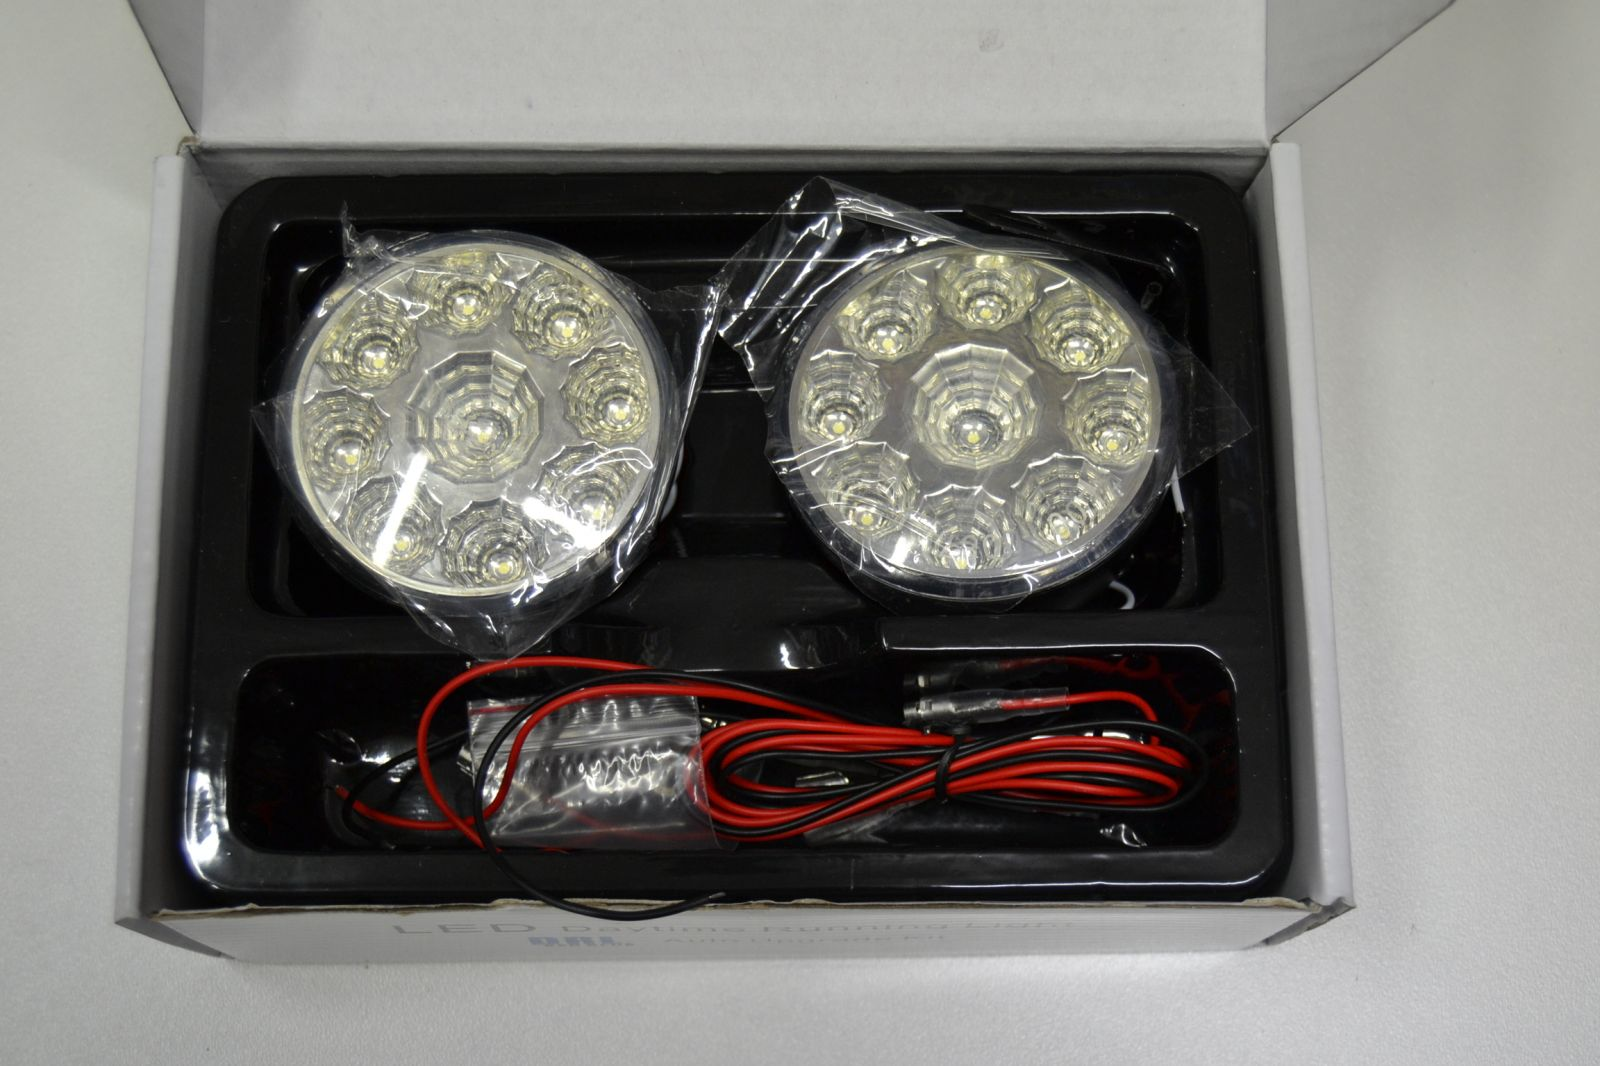 Denní svícení - led světla 9 diod kulatá - homologovaná - 2ks